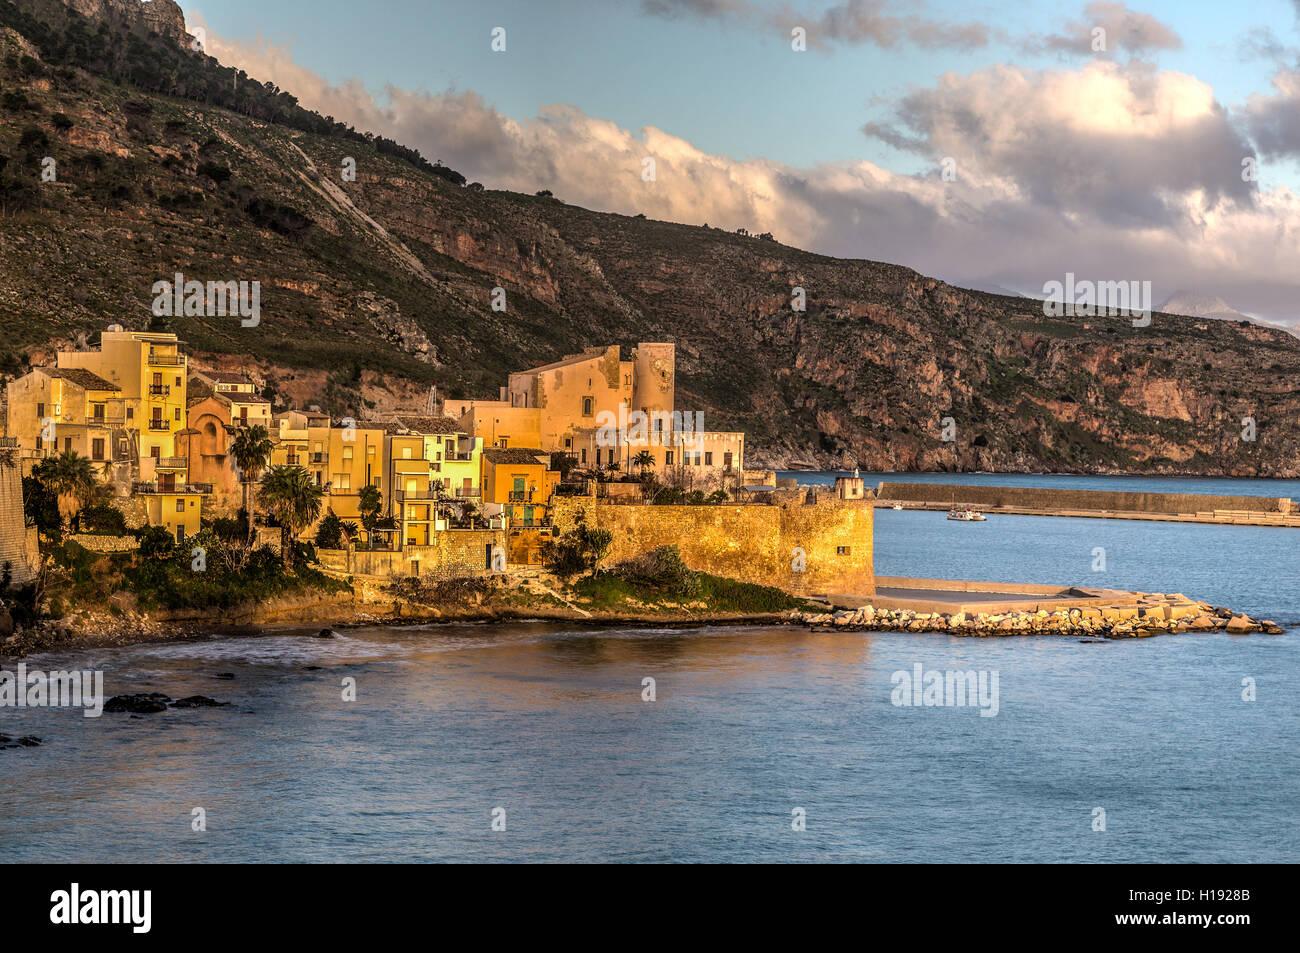 Castellamare del Golfo, Gesamtansicht, Palermo, Sizilien, Stockbild